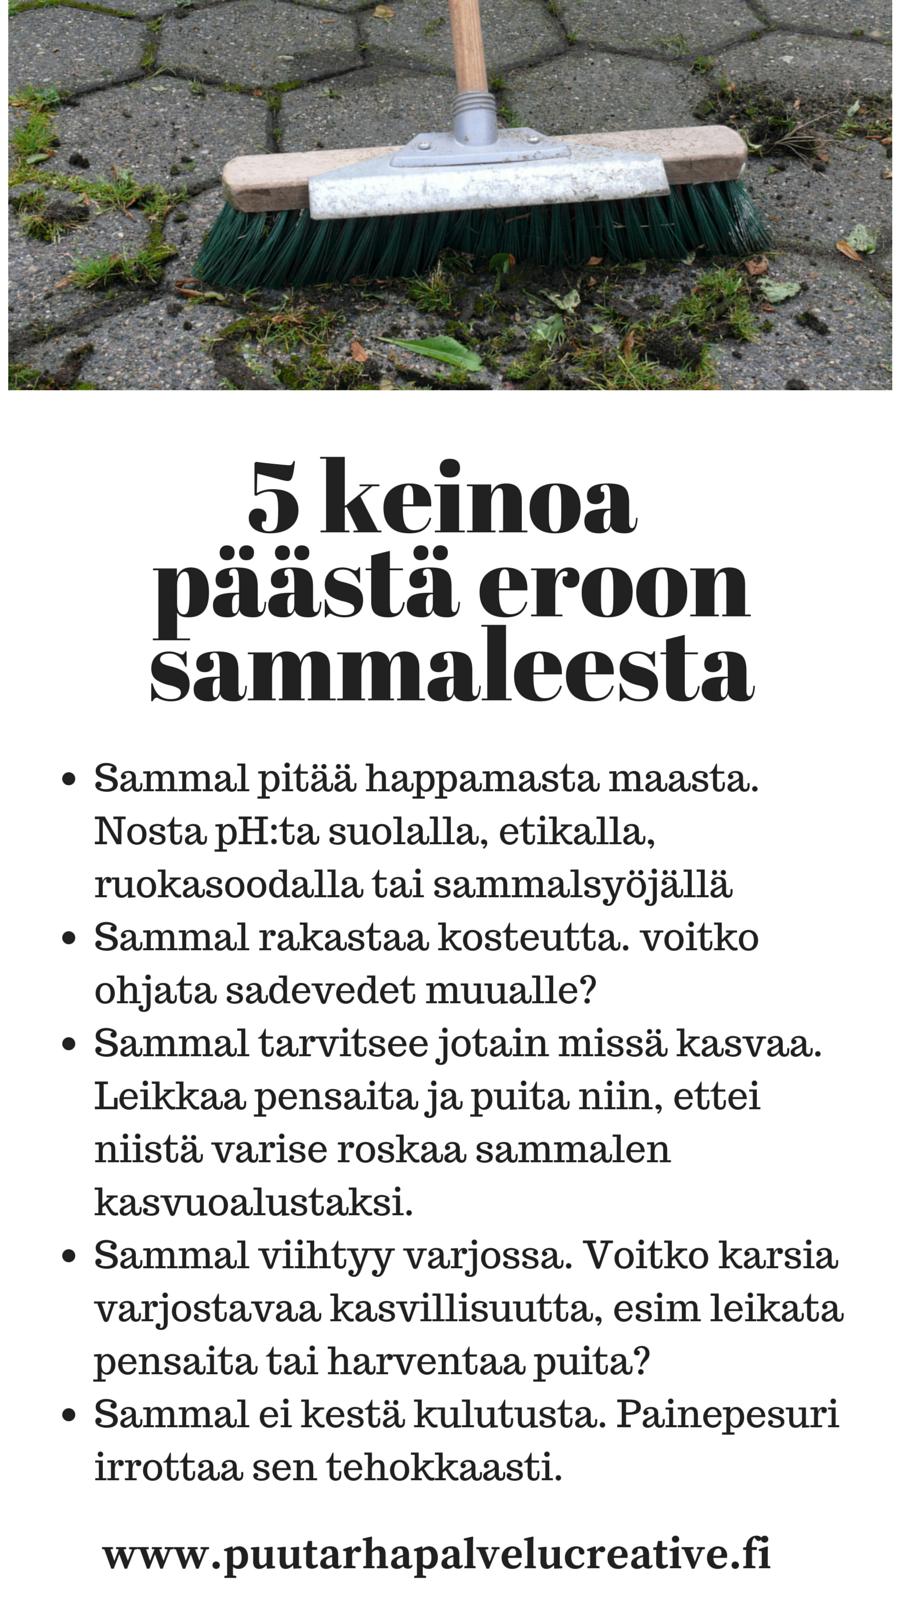 Sammaloitunut kiveys tekee pihan ikävän hoitamattoman näköiseksi. Tässä takuuvarmat keinot vähentää sammaloitumista. www.puutarhapalvelucreative.fi